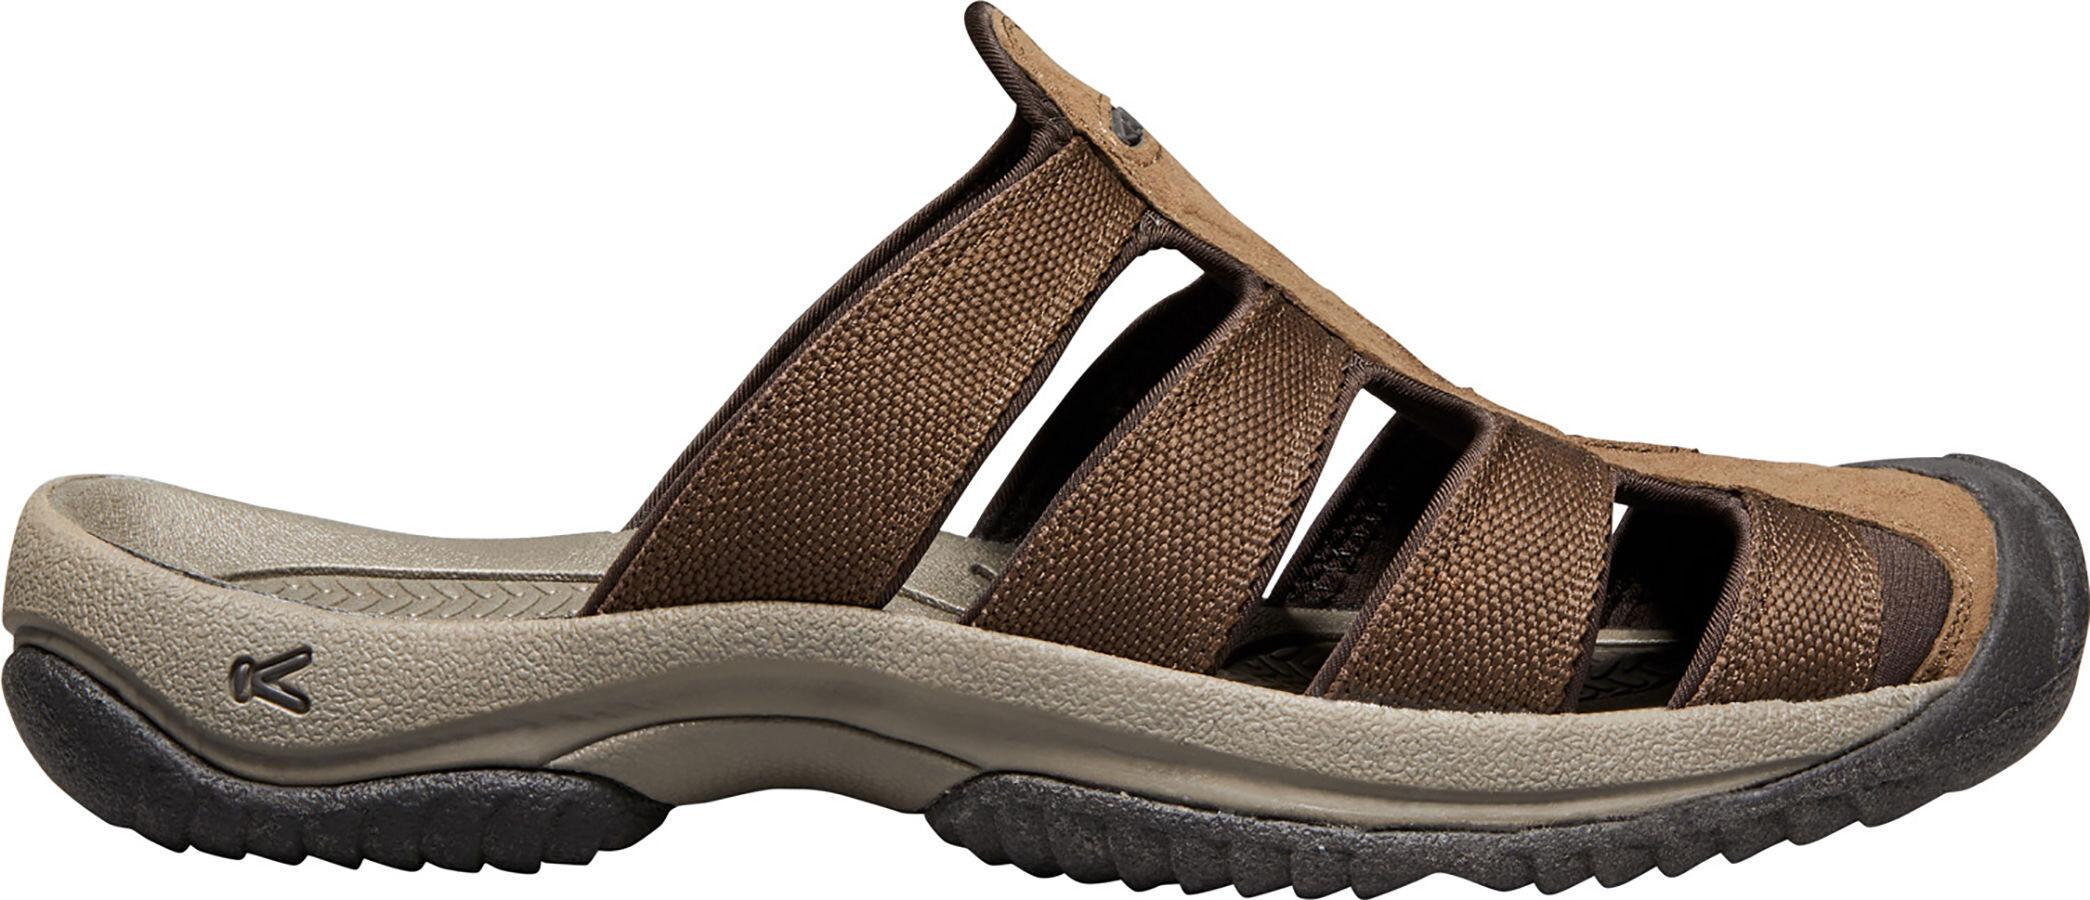 f00181d0ab2 Keen Aruba II Sandały Mężczyźni brązowy